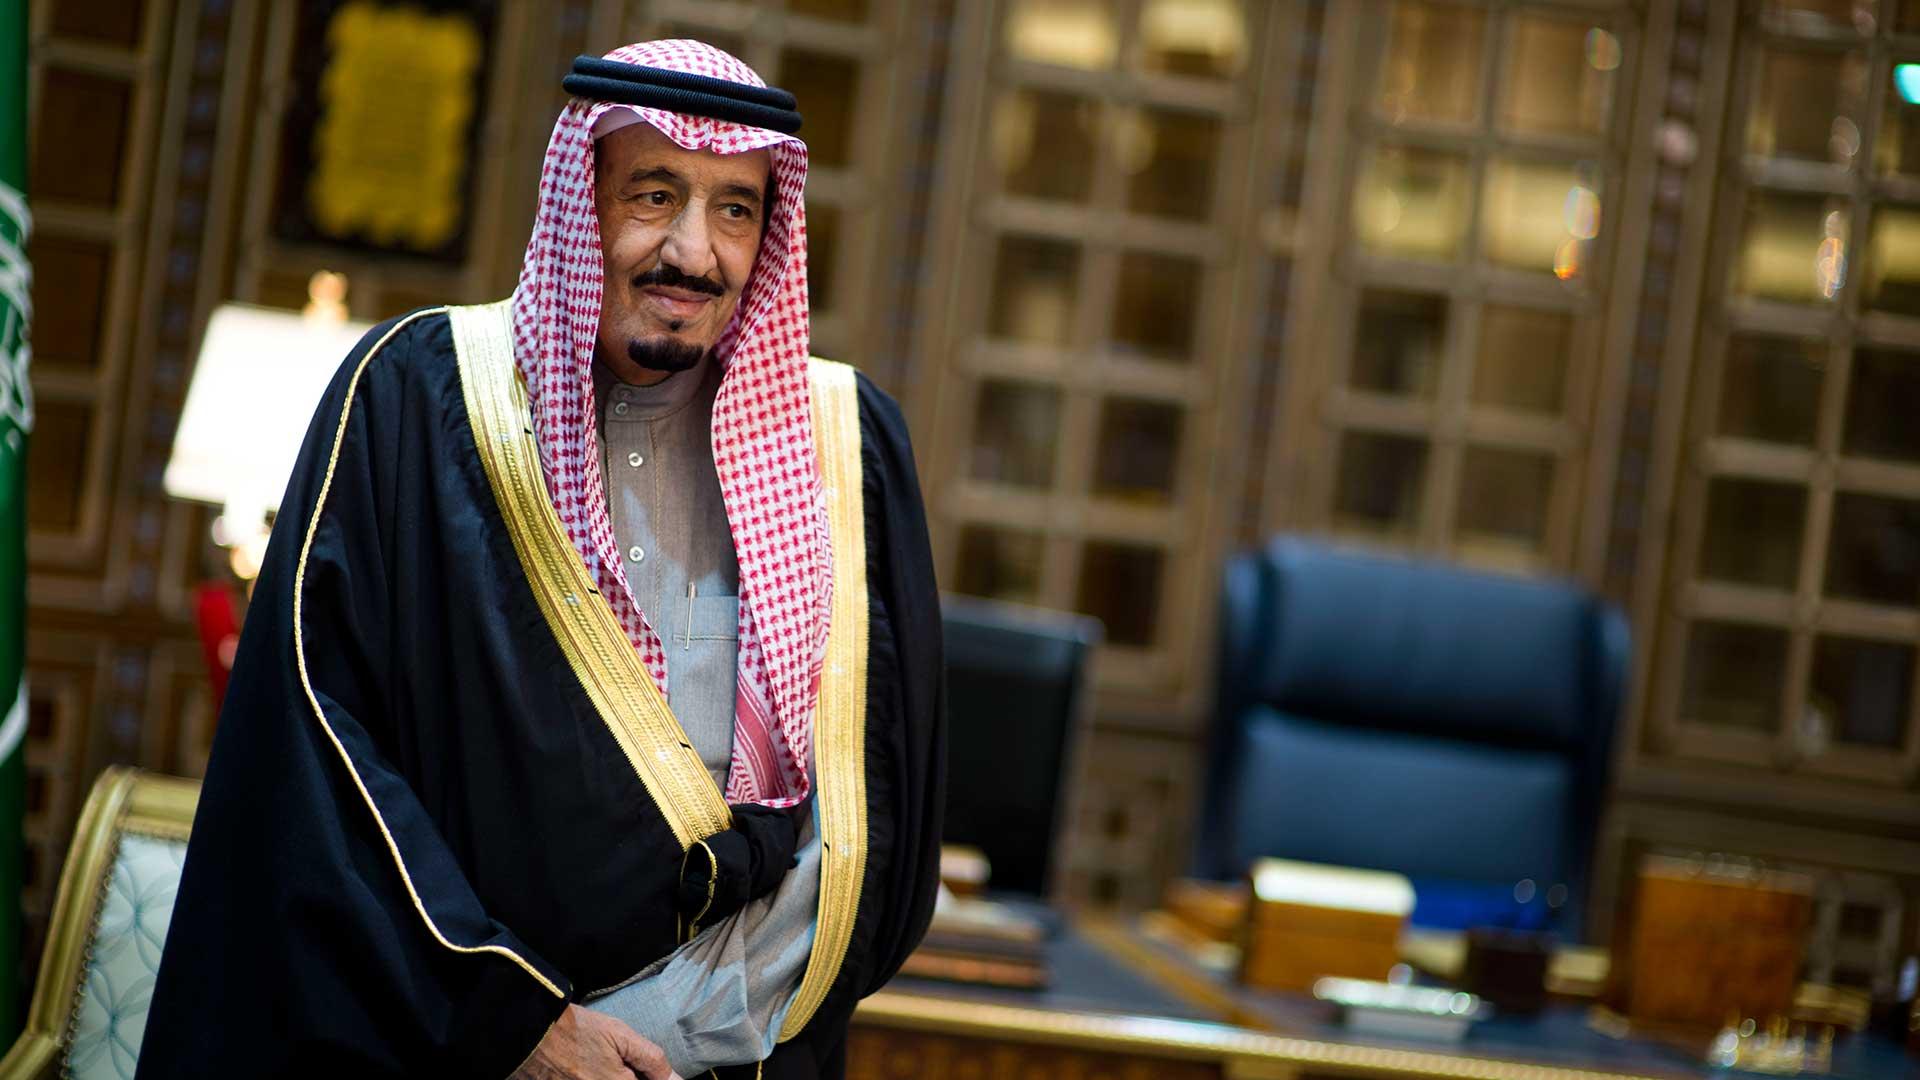 Príncipes árabes son arrestados por corrupción